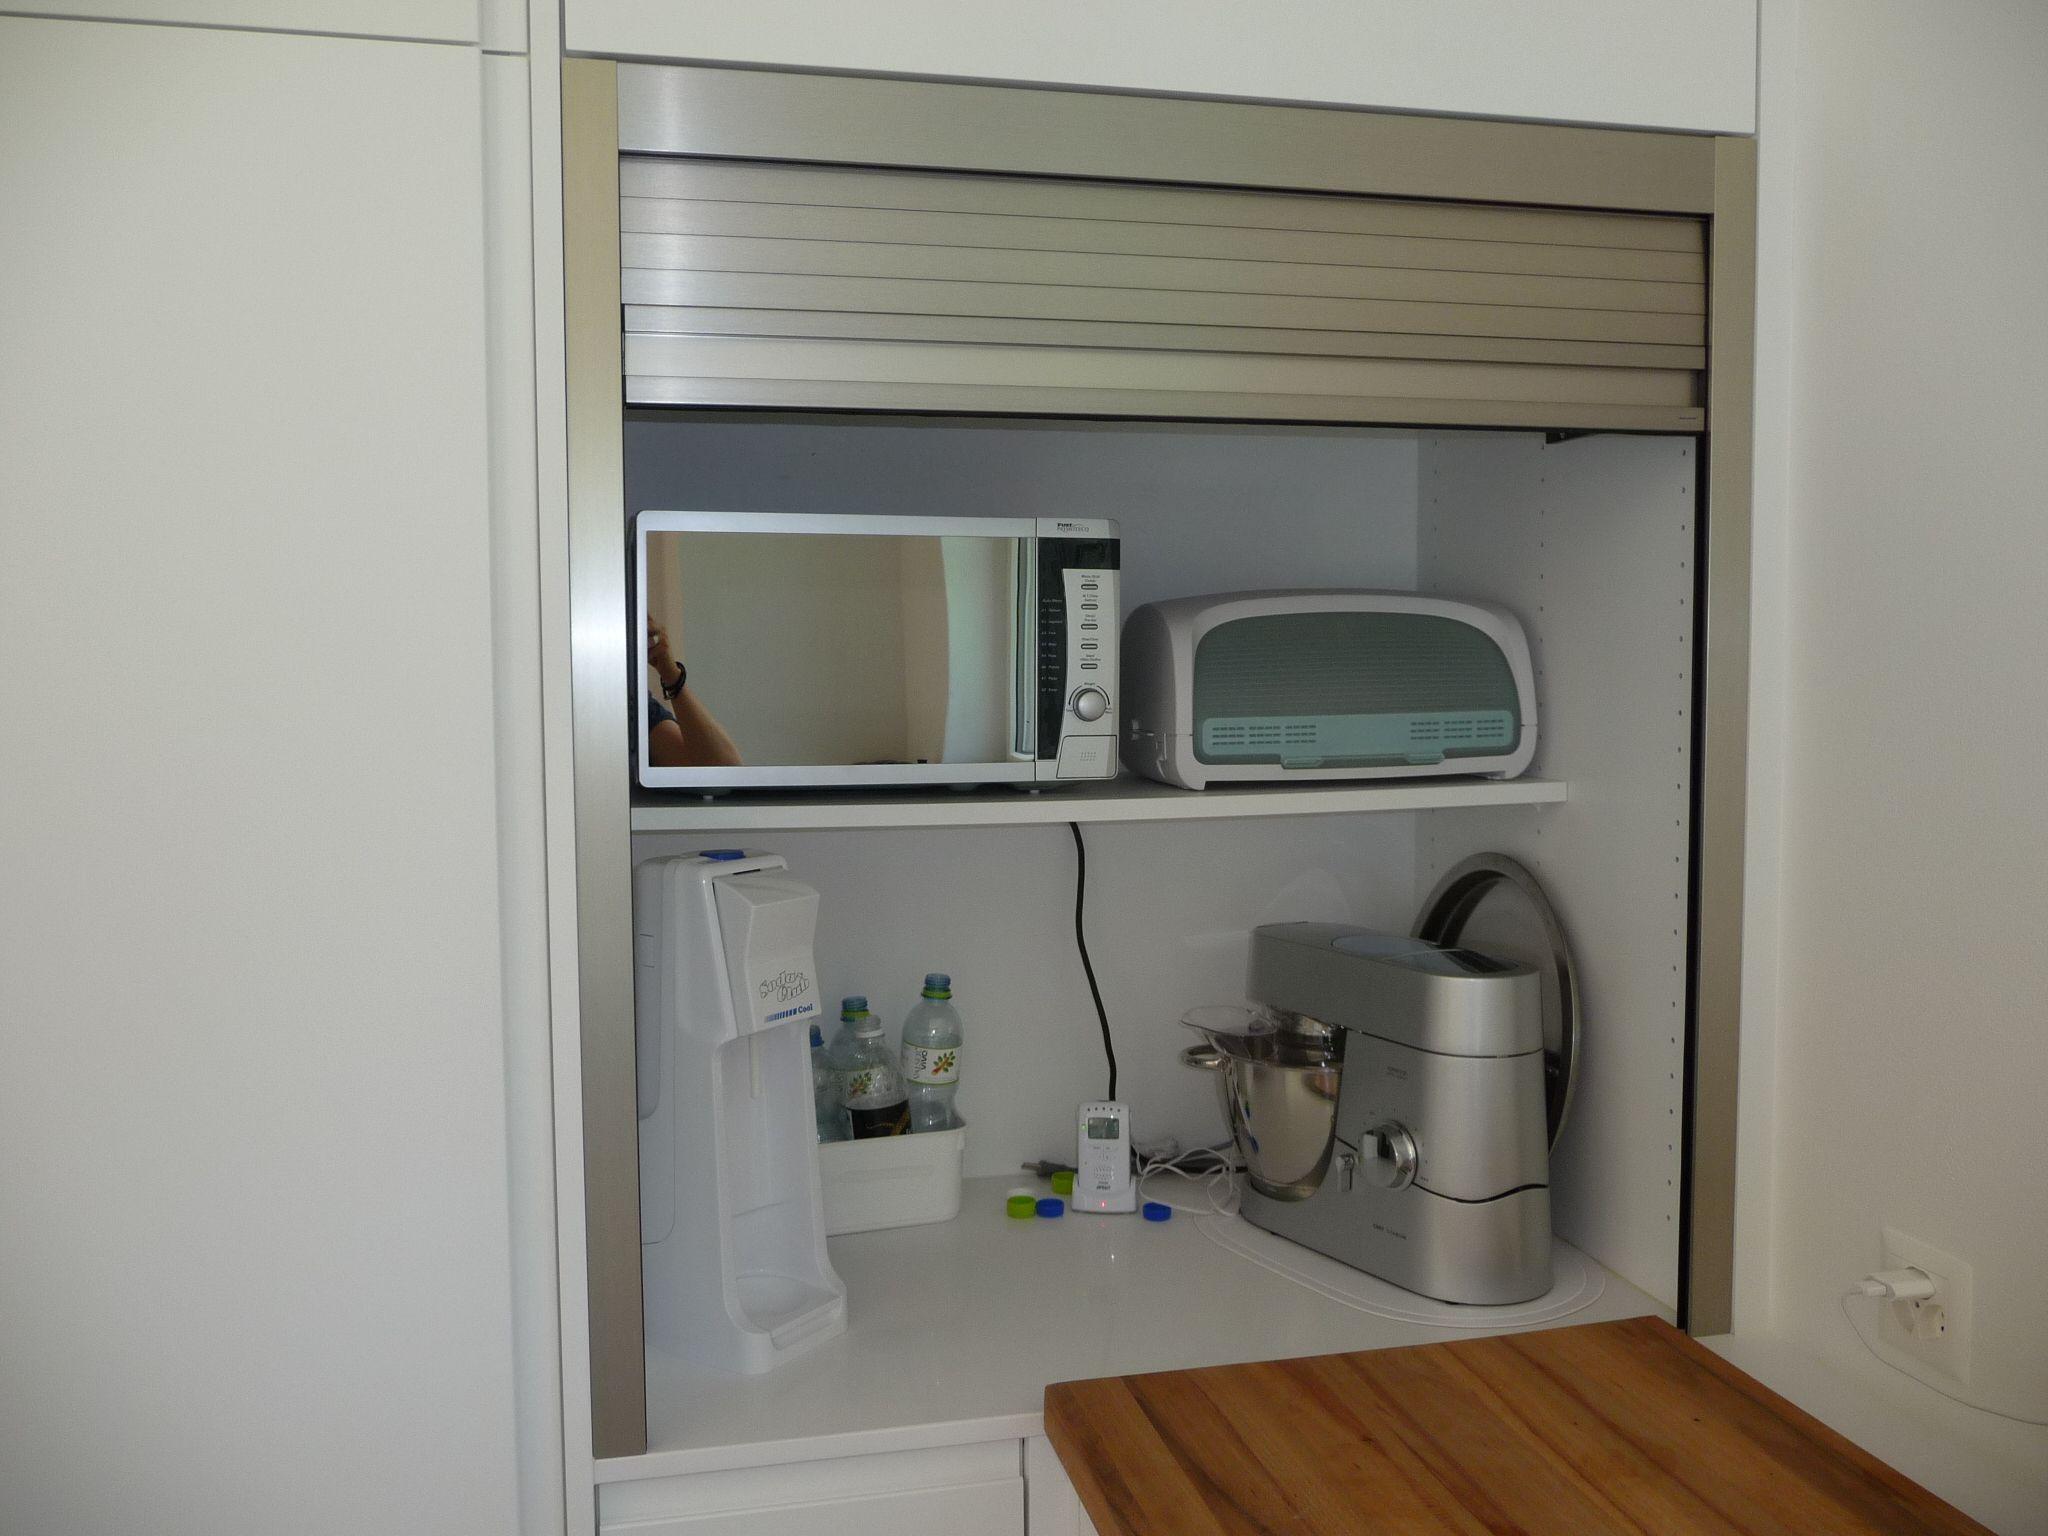 Küche Im Schrank | Jalousien Kuche Die Besten 25 43 Jalousien Plissee Ideen Auf Pinterest